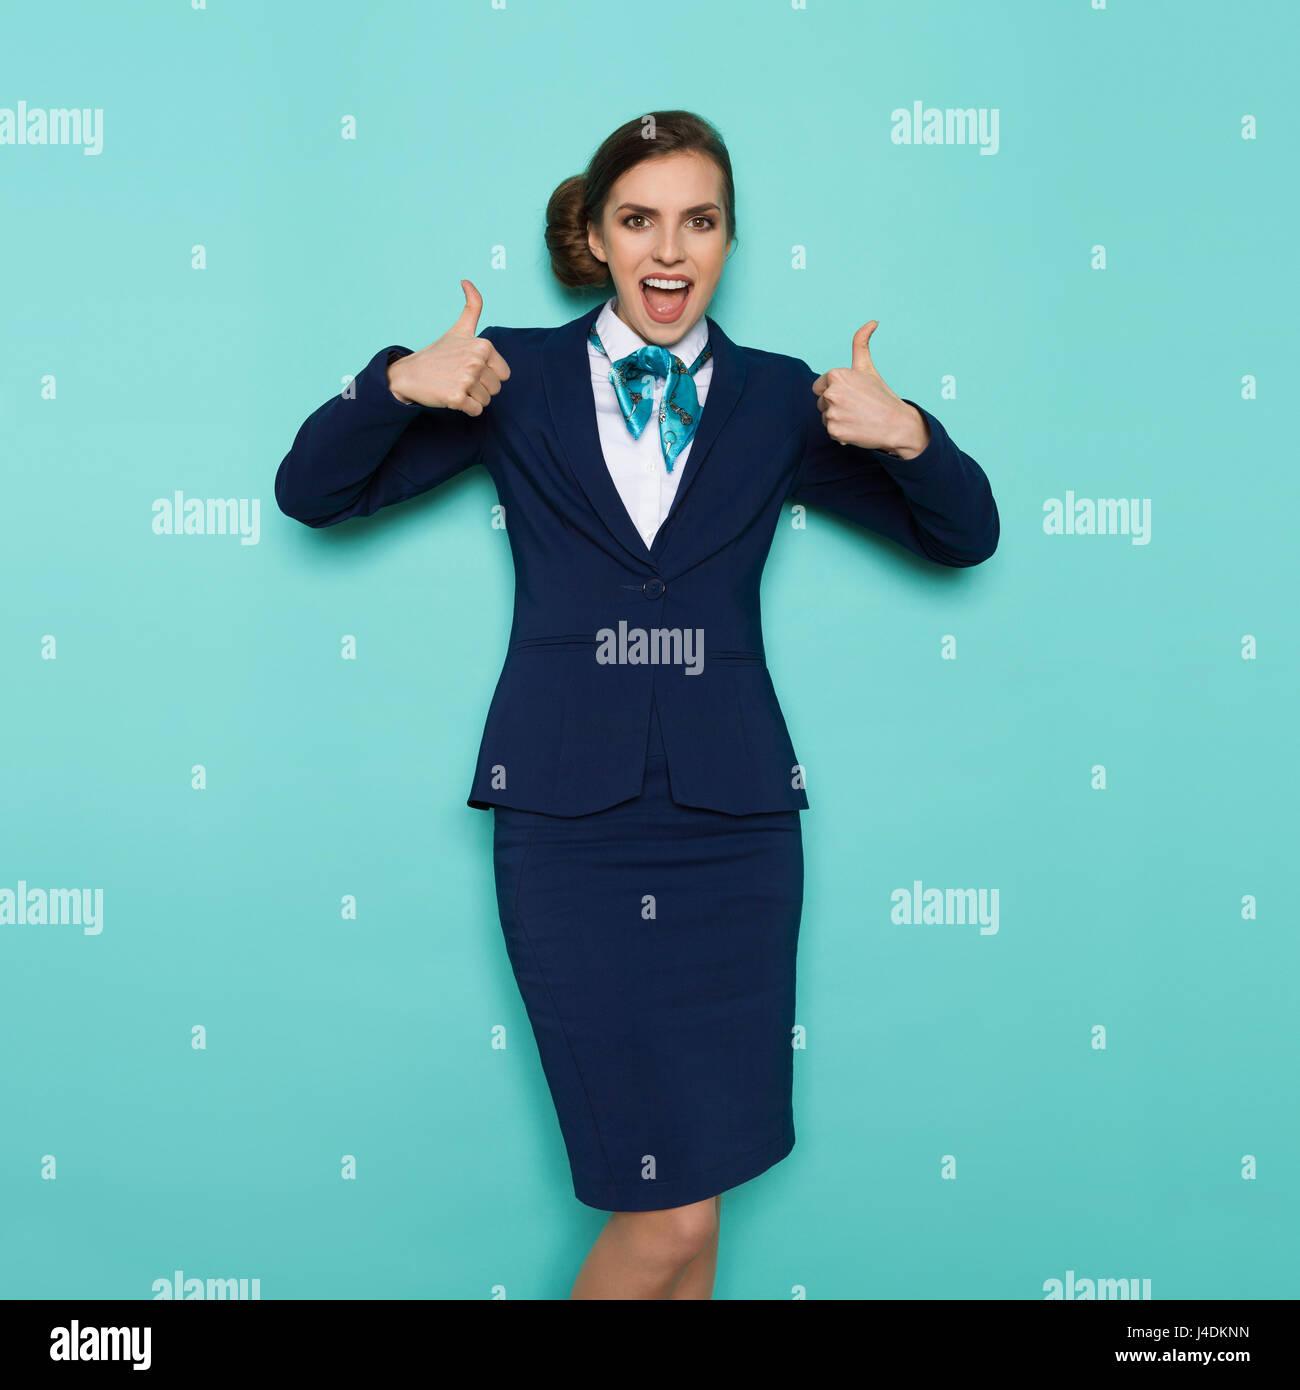 Hostess eccitato in blu abbigliamento formale è in piedi con le mani alzate, mostra Thumbs up, gridando e guardando Immagini Stock